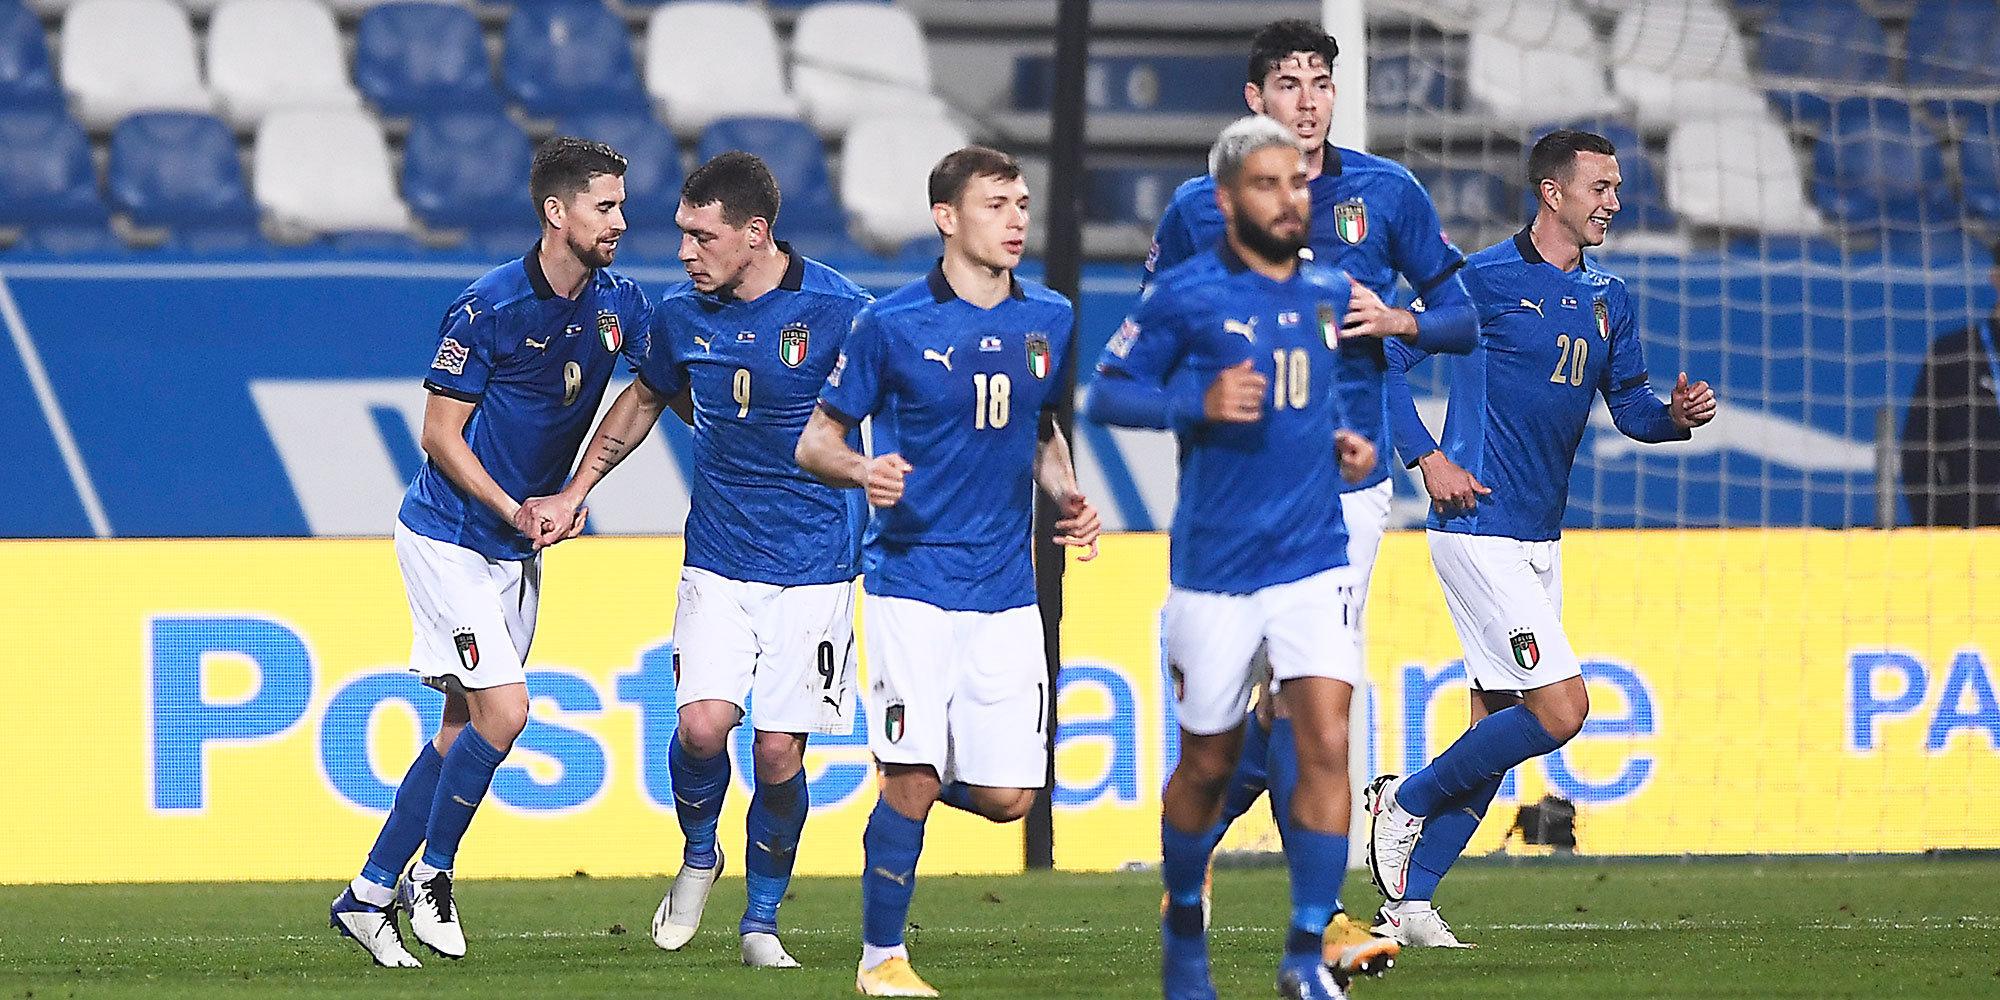 СМИ: Футболисты сборной Италии вакцинировались от коронавируса